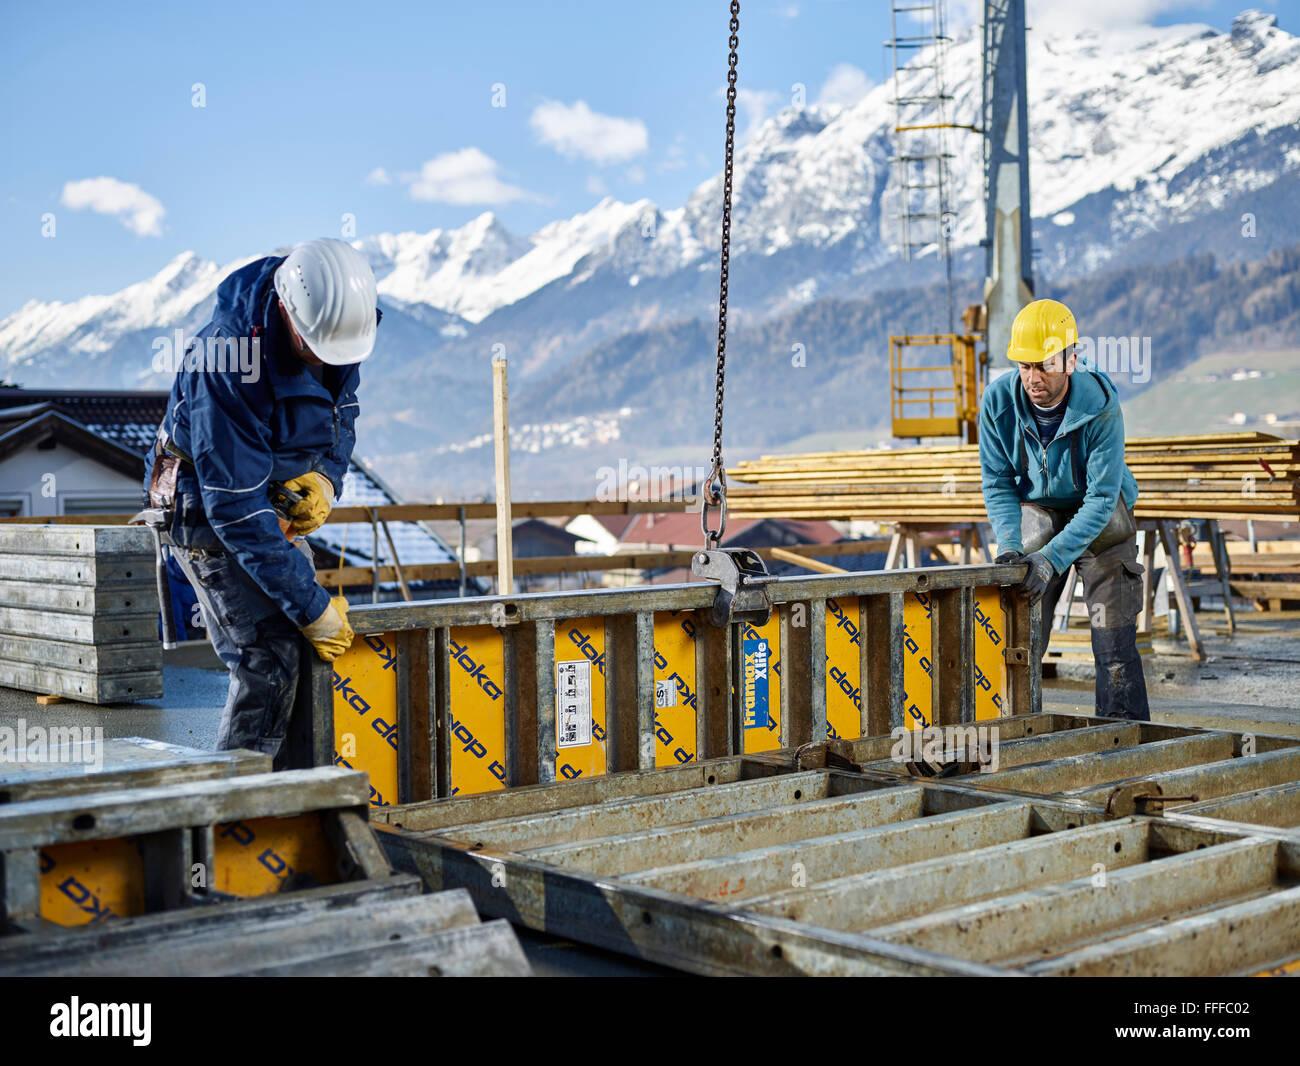 Bauarbeiter Schalung Wand mit Kran heben, gerahmt Vorbereitung Schalung, Innsbruck Land, Tirol, Österreich Stockbild